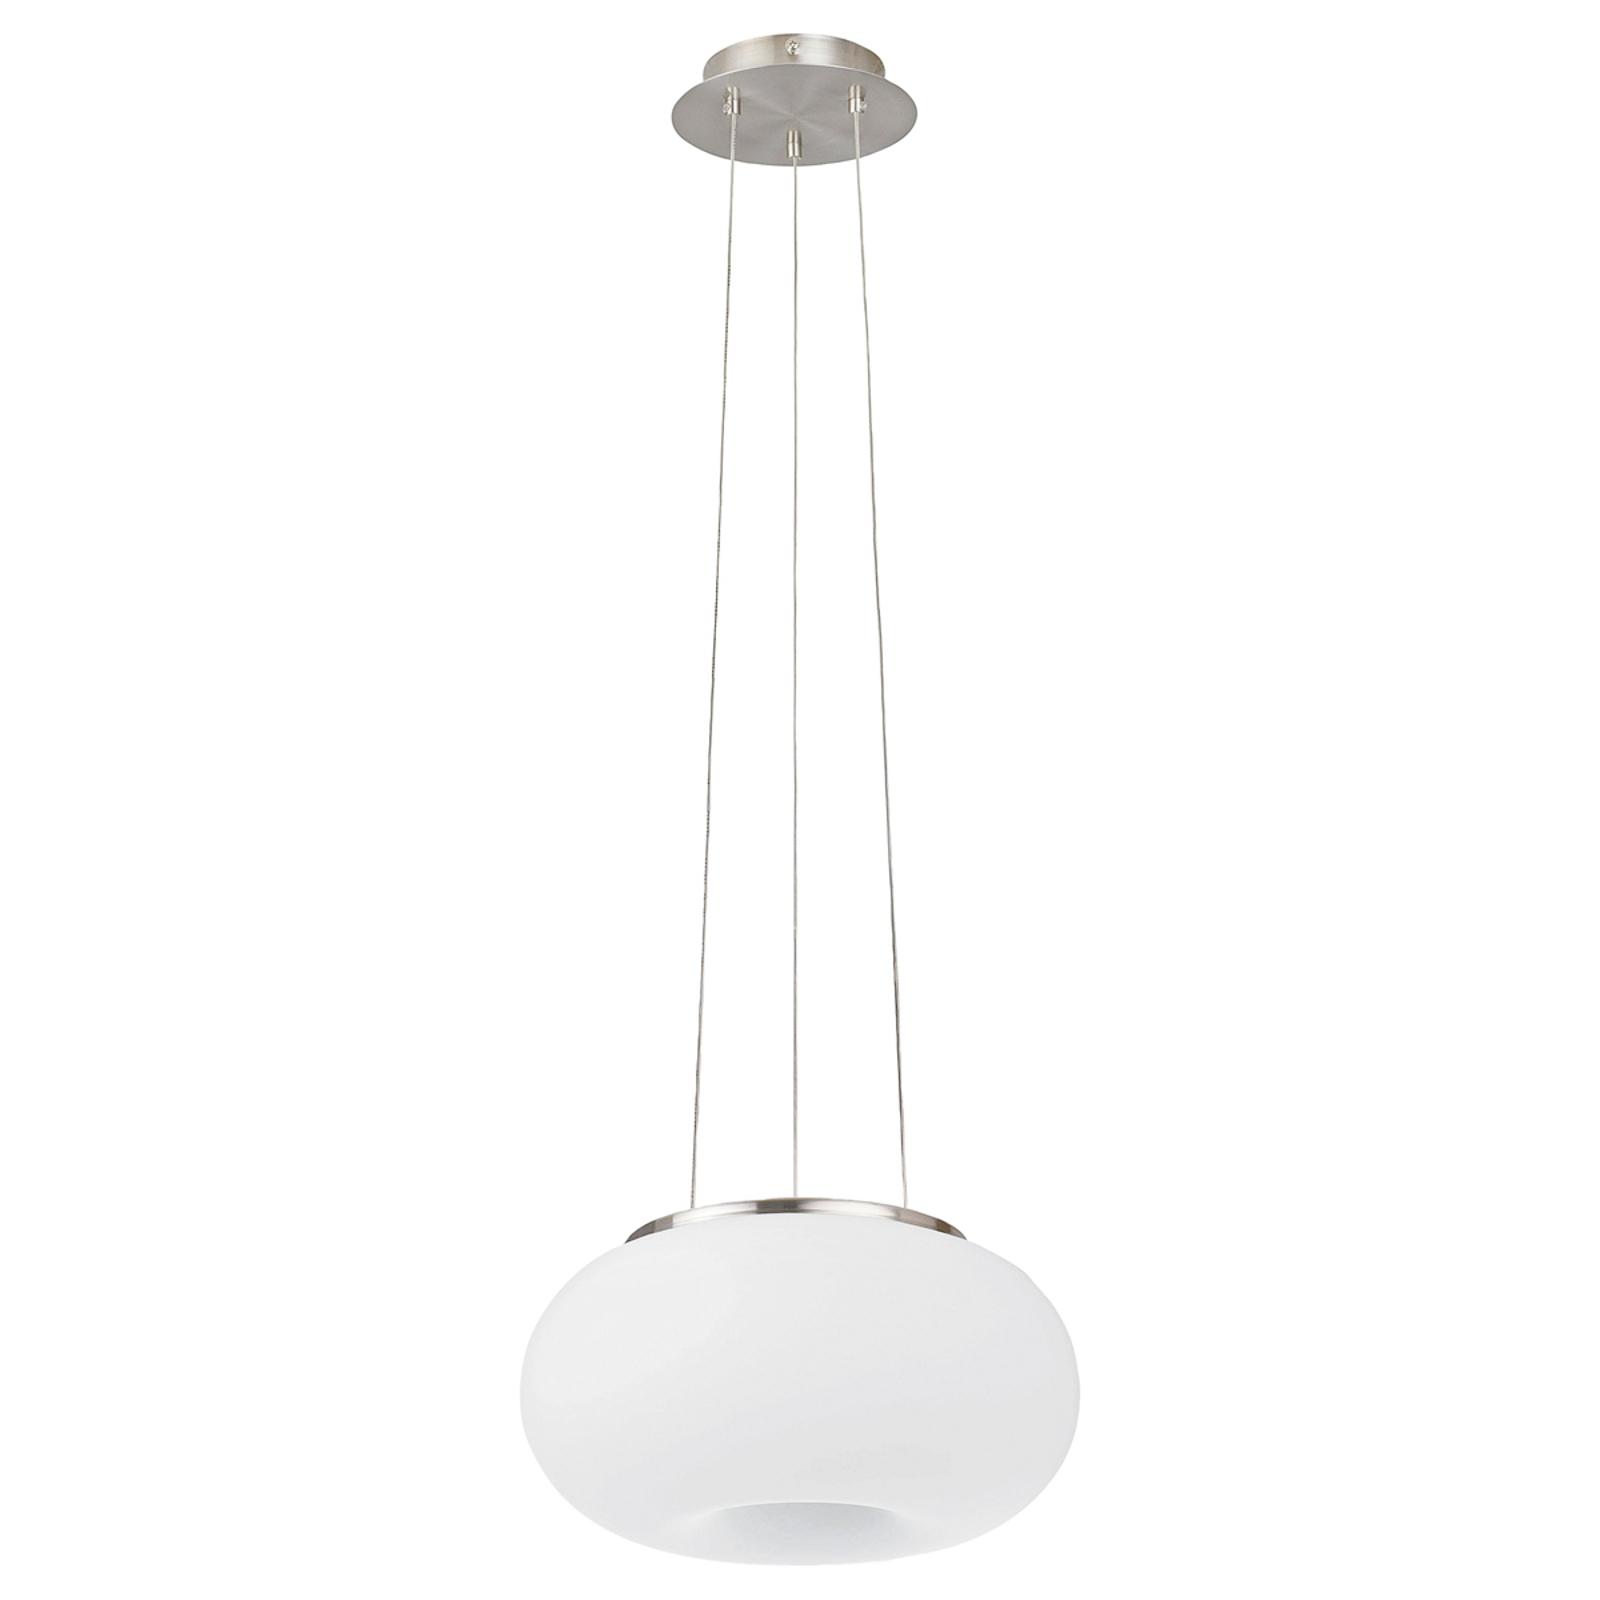 Moderna lampada a sospensione Optica 35 cm